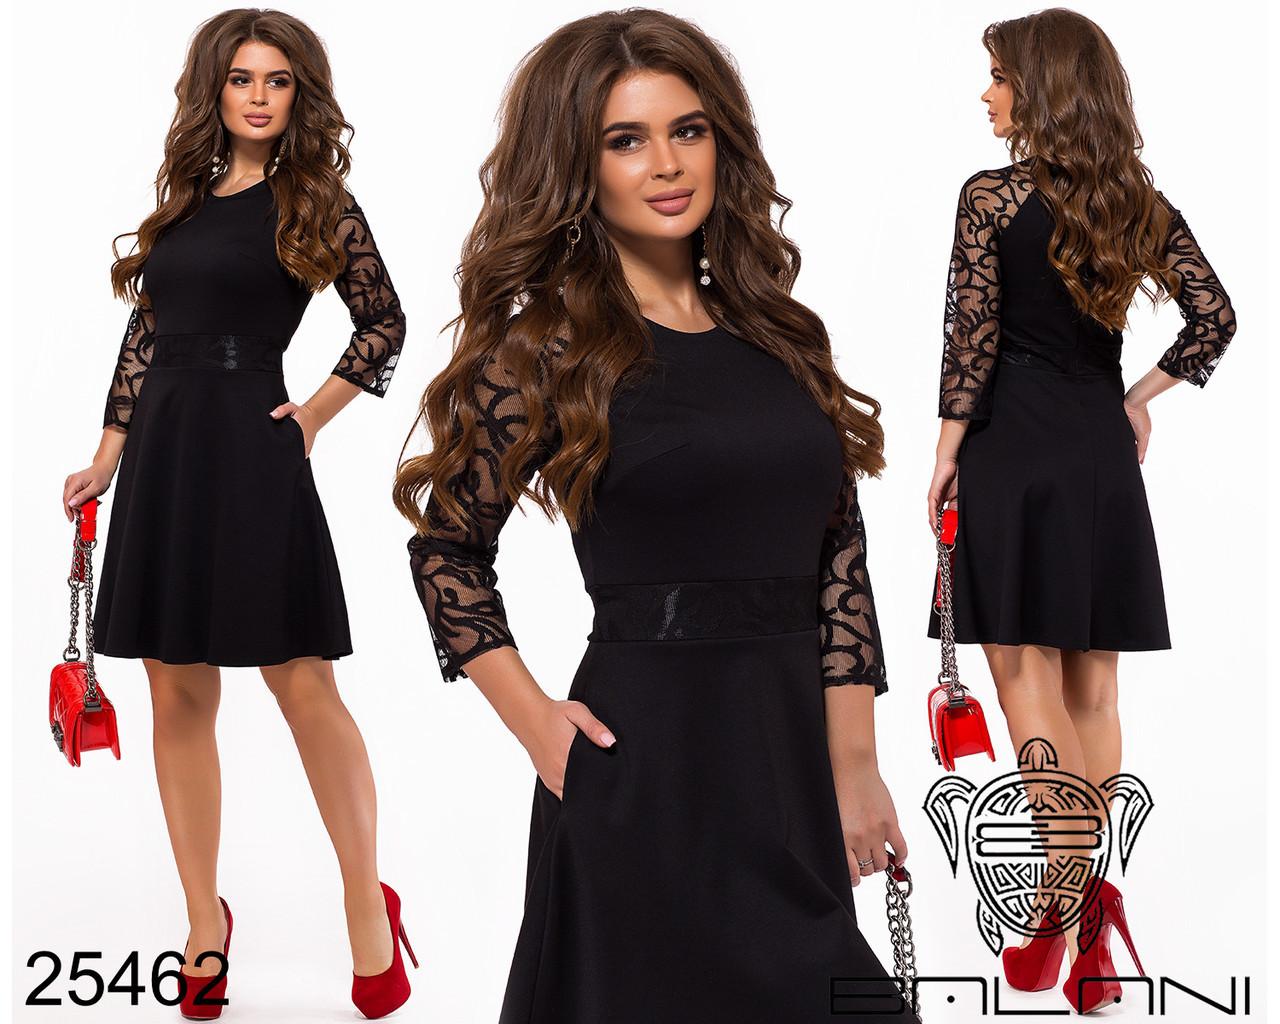 Нарядна сукня з італійського трикотажу та розшитої сітки  продажа ... 032748917f3cb